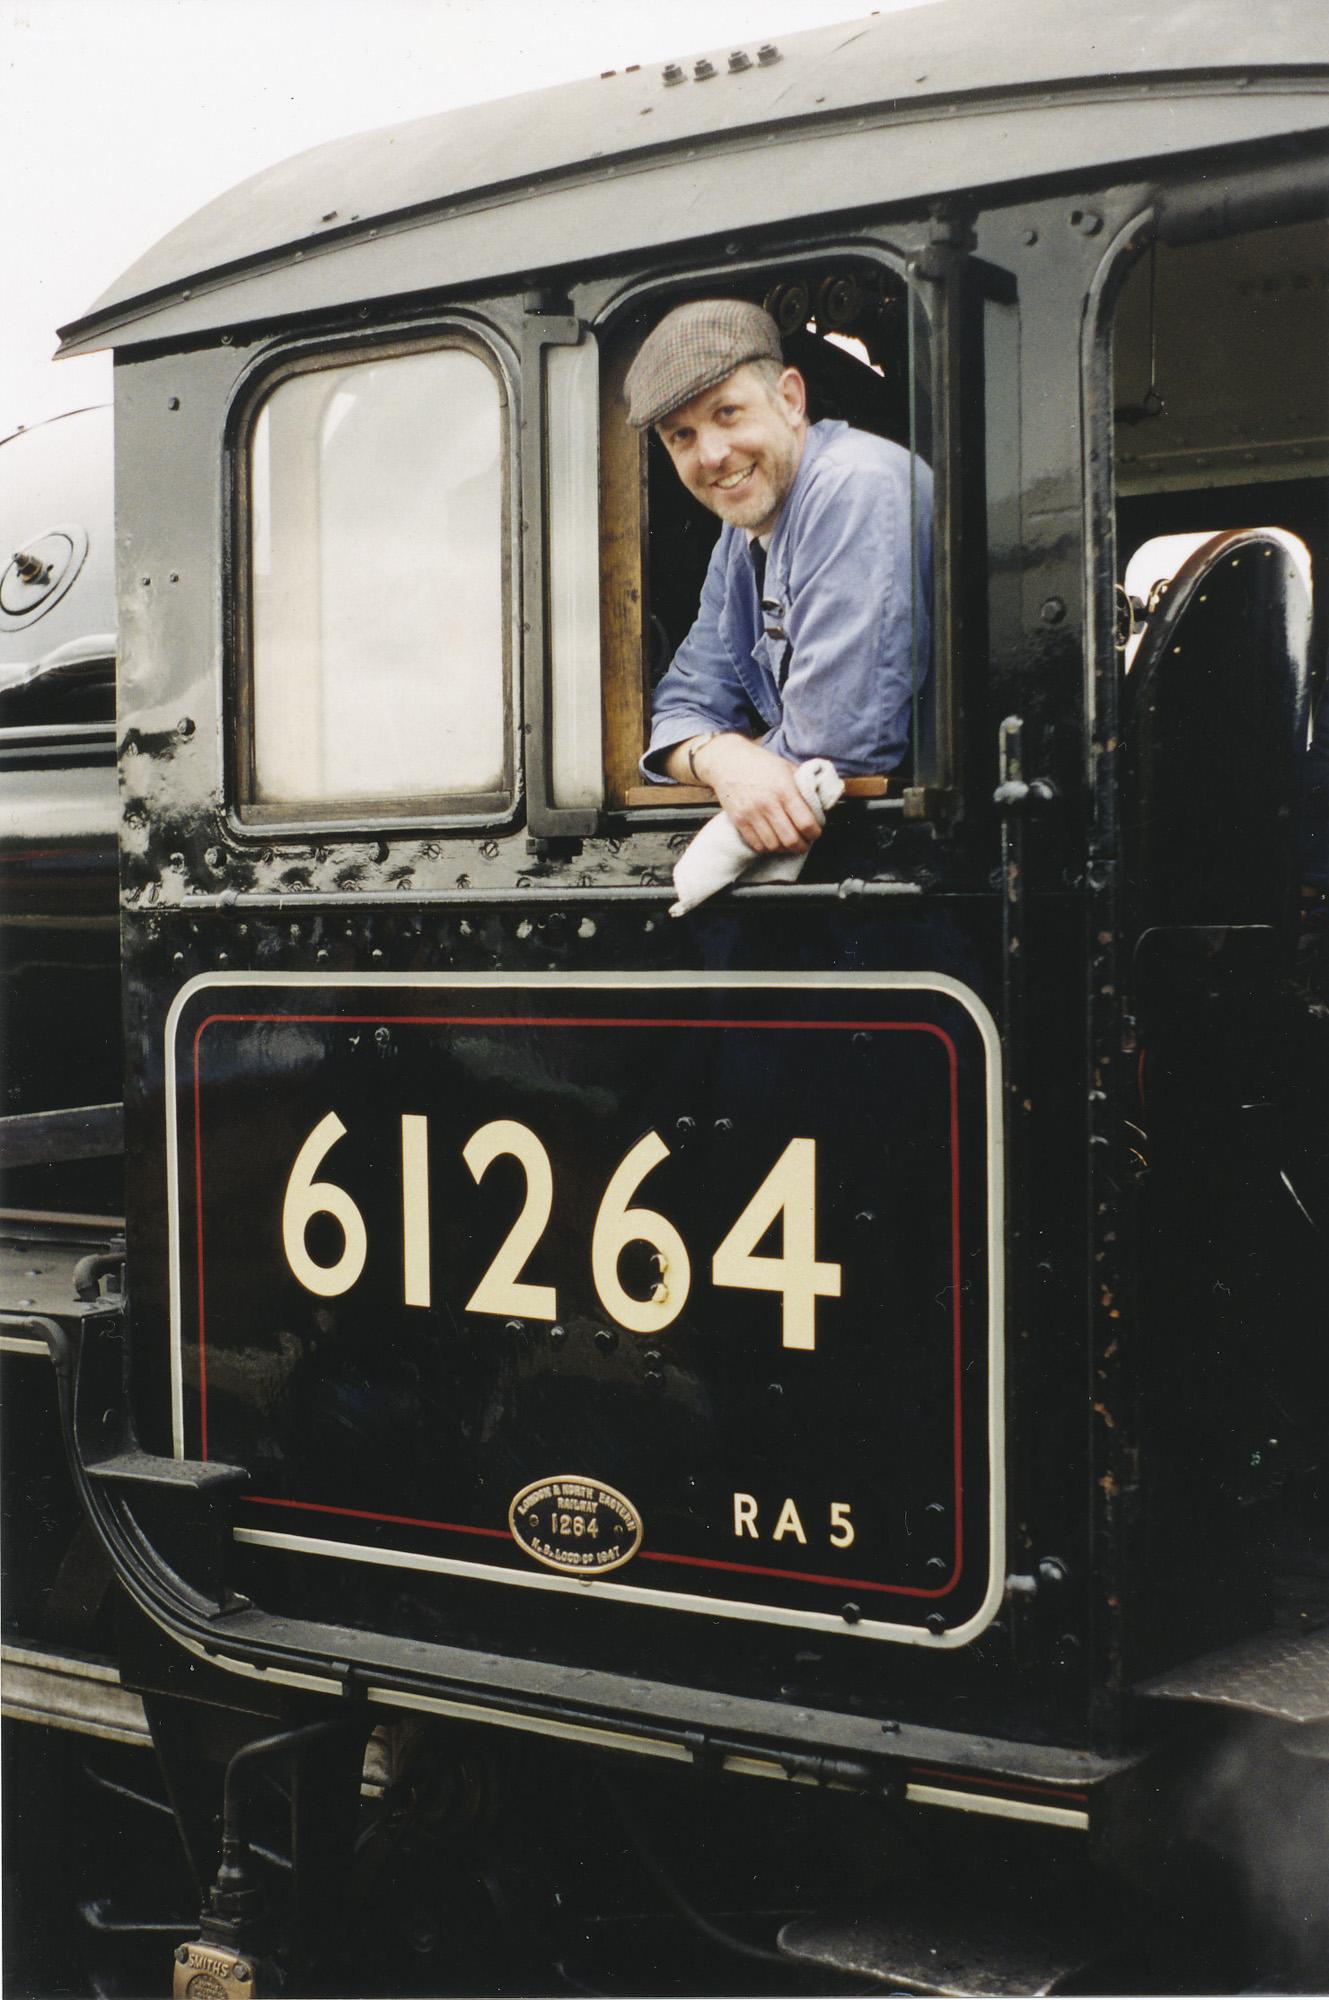 Driver Richard Jones on B1 61264. © Bob Robson/6024 PS Ltd